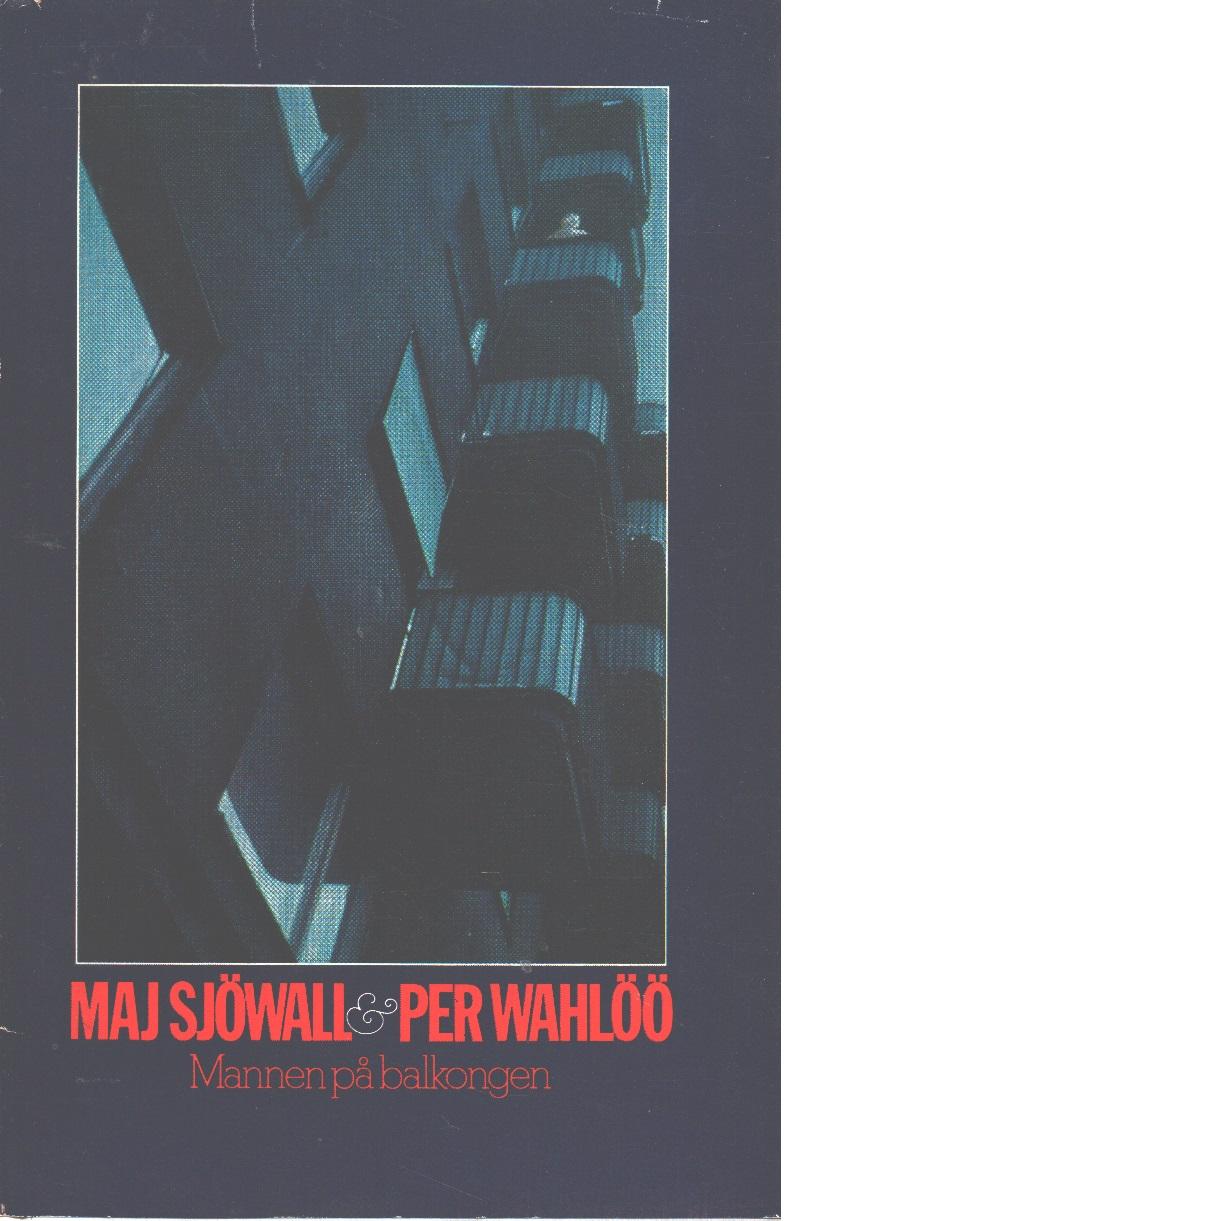 Mannen på balkongen - Wahlöö  Per och  Sjöwall, Maj